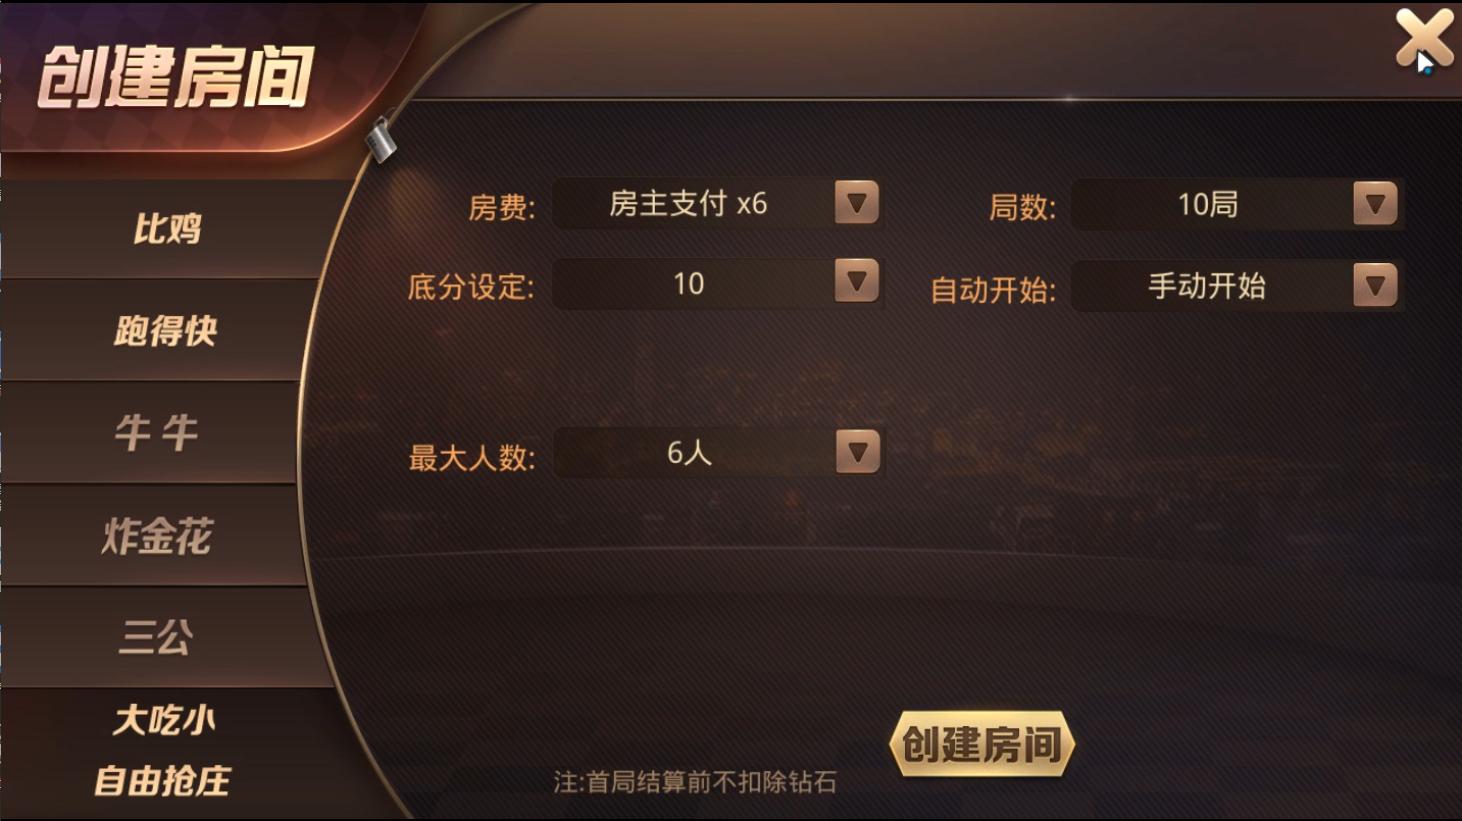 牛王扑克二开棋牌源码 新增比鸡游戏+带金币模式+双端APP+完整数据库插图(2)